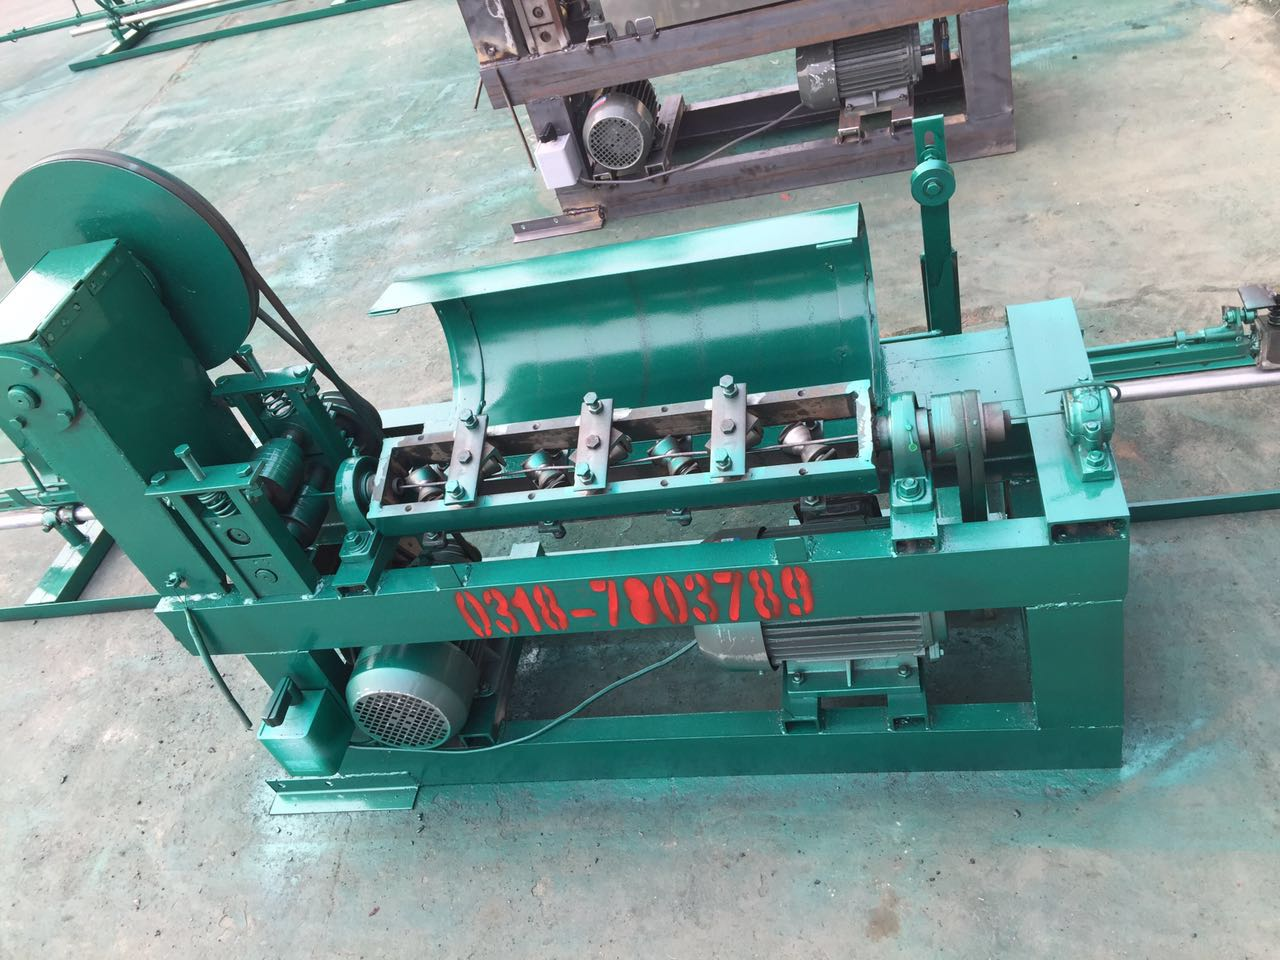 调直切断机,调直切断机生产厂家,河北调直切断机